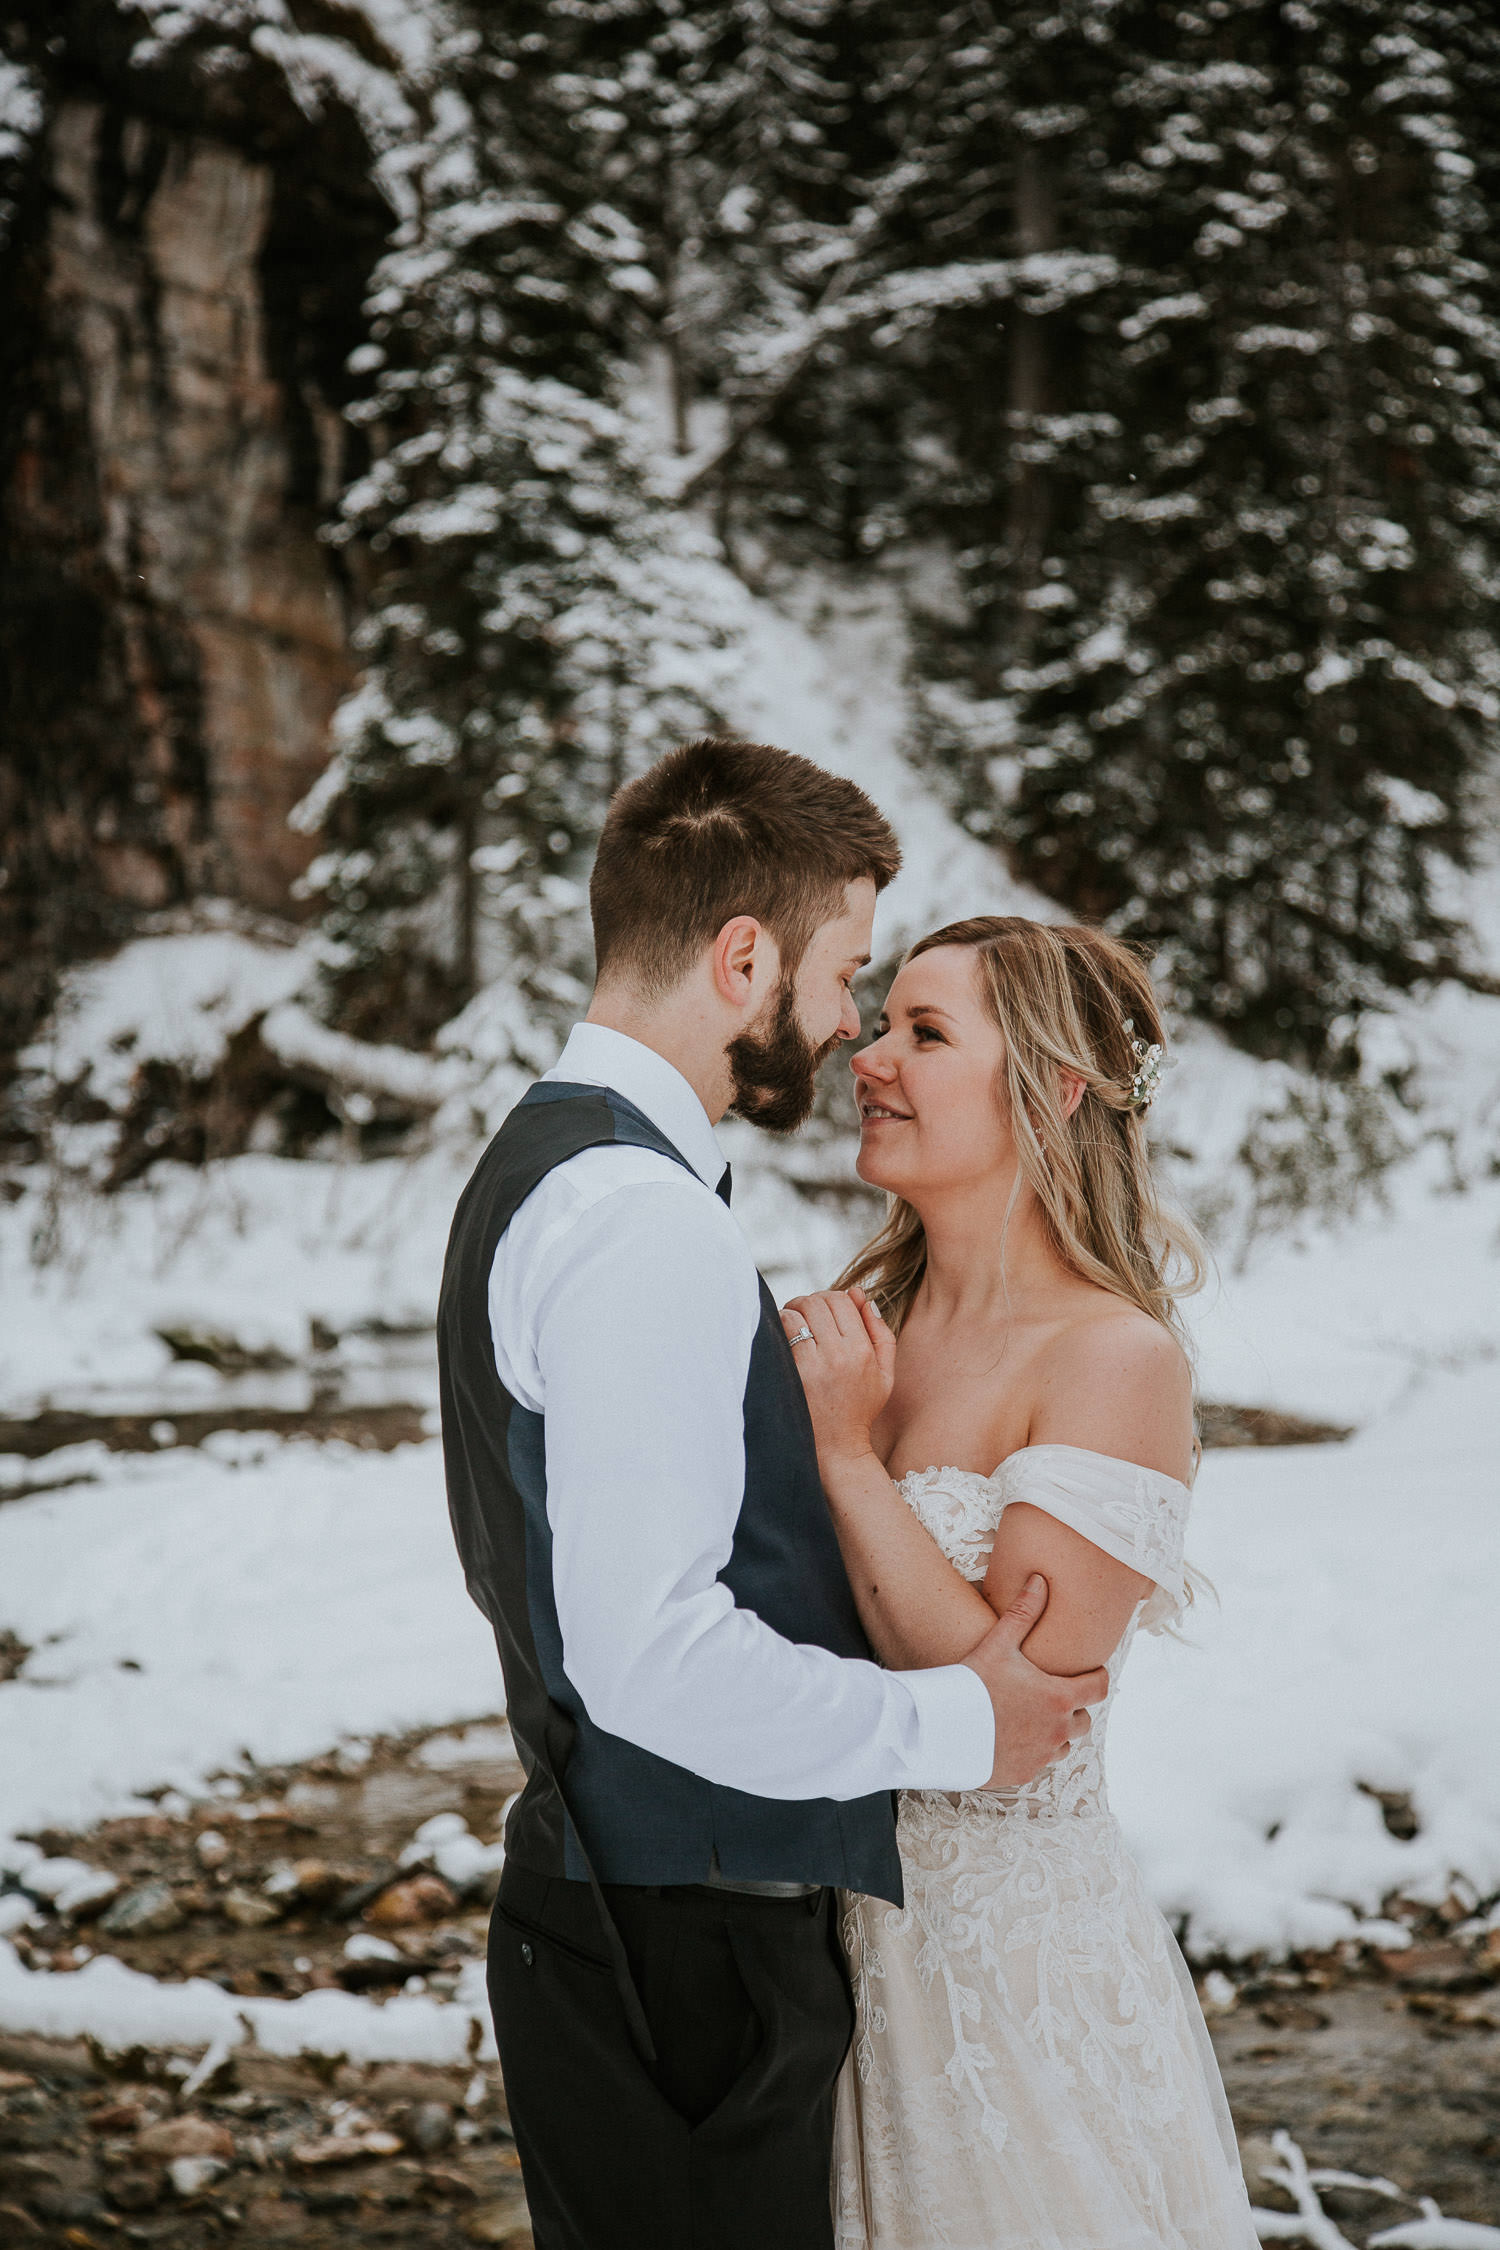 canadian-rocky-mountain-elopement-photographers-sarah-pukin-0017